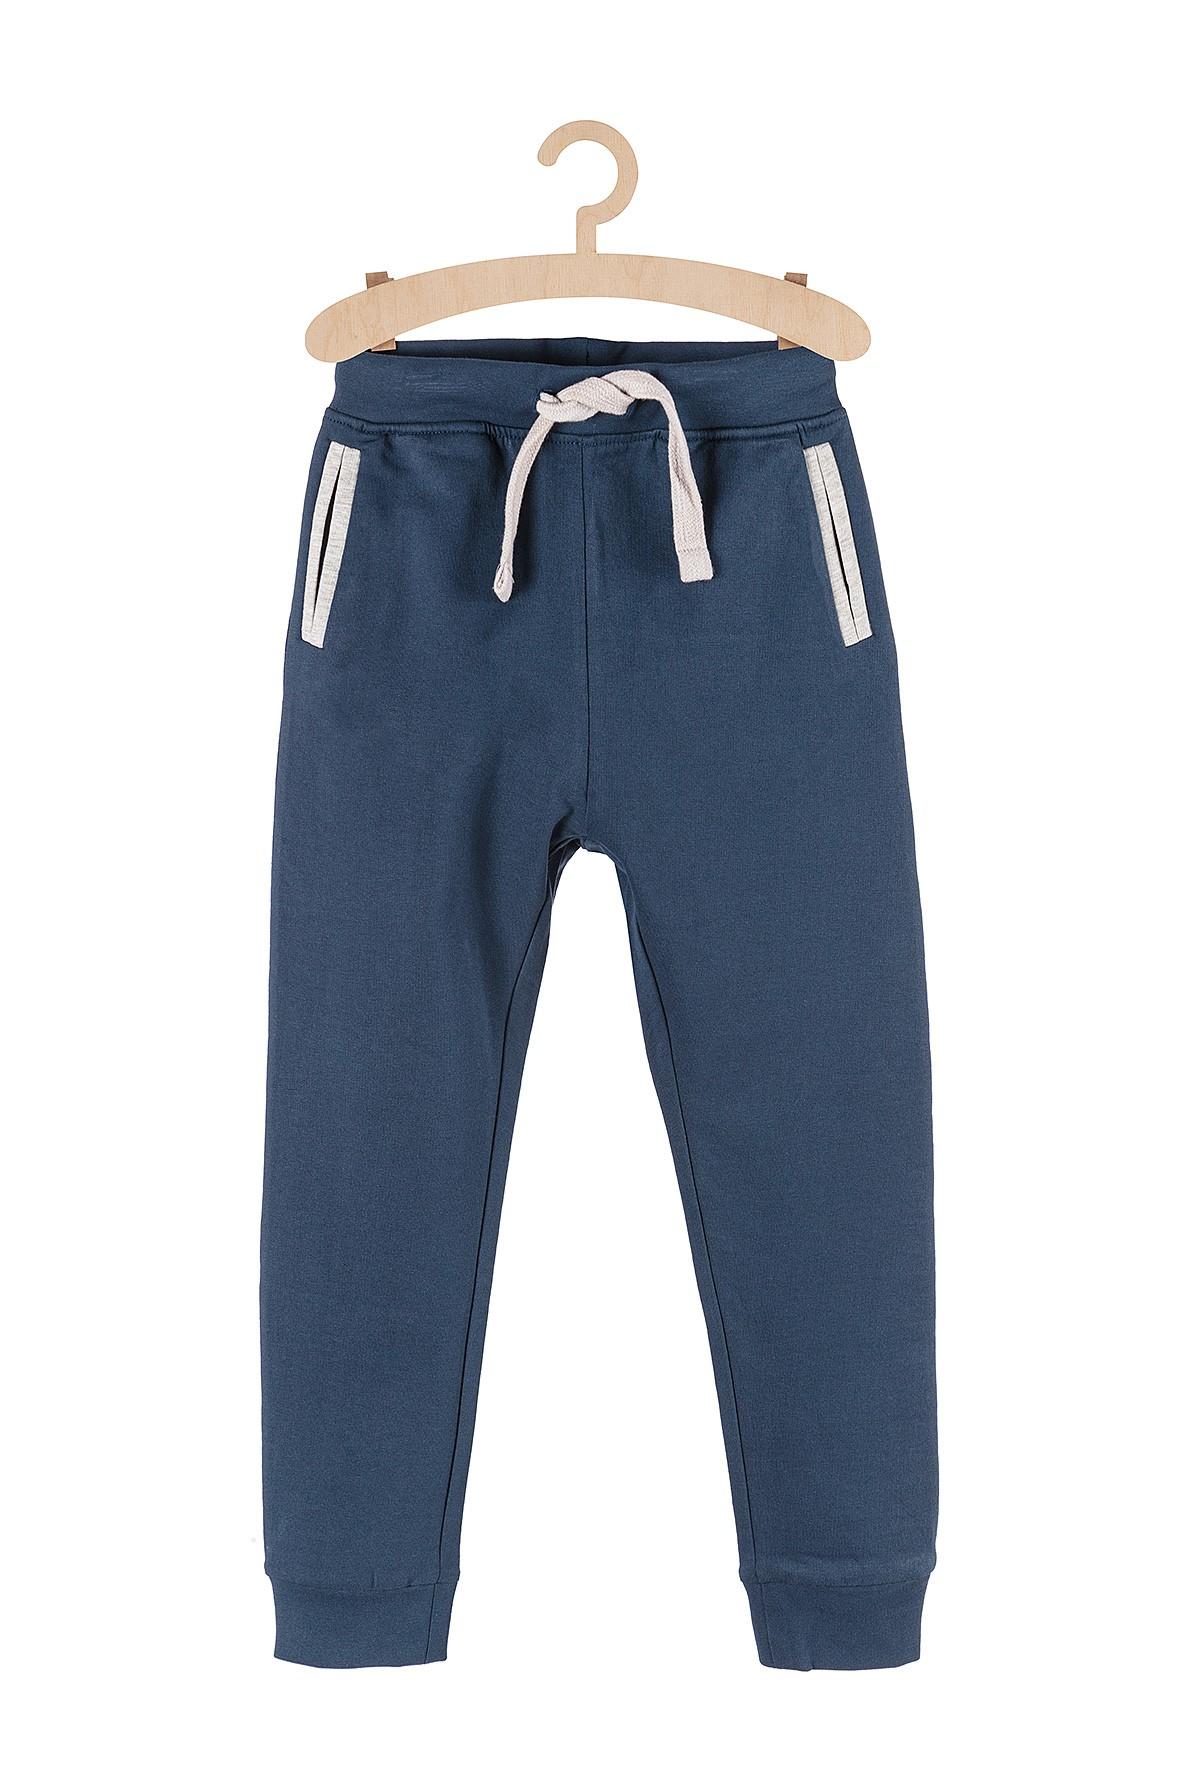 Spodnie dresowe dla chłopca granatowe gładkie